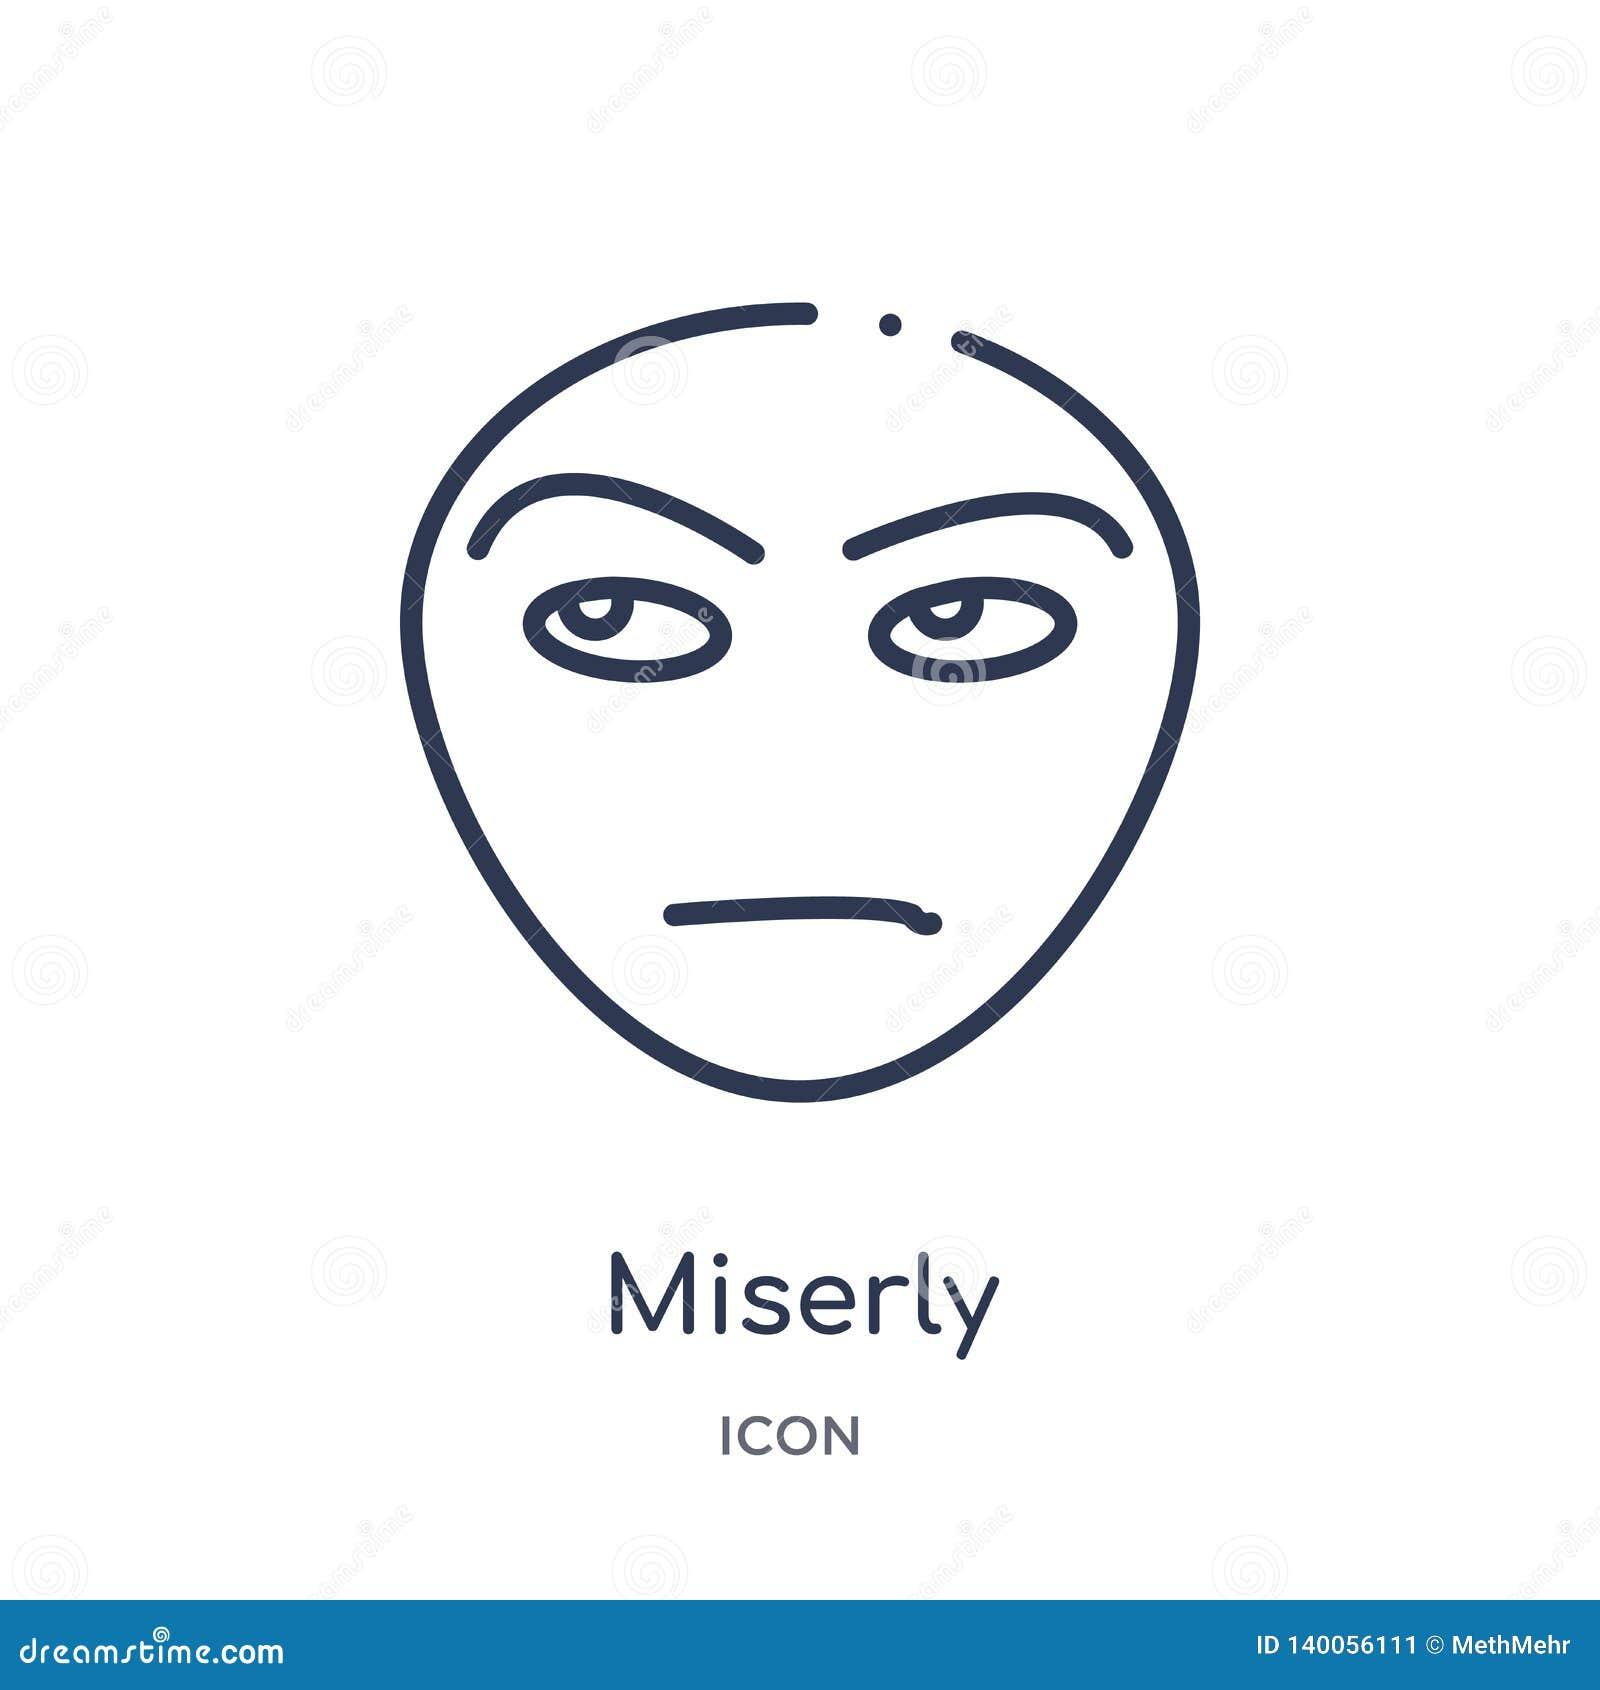 Icono mezquino linear de la colección del esquema de las emociones Línea fina vector mezquino aislado en el fondo blanco de moda